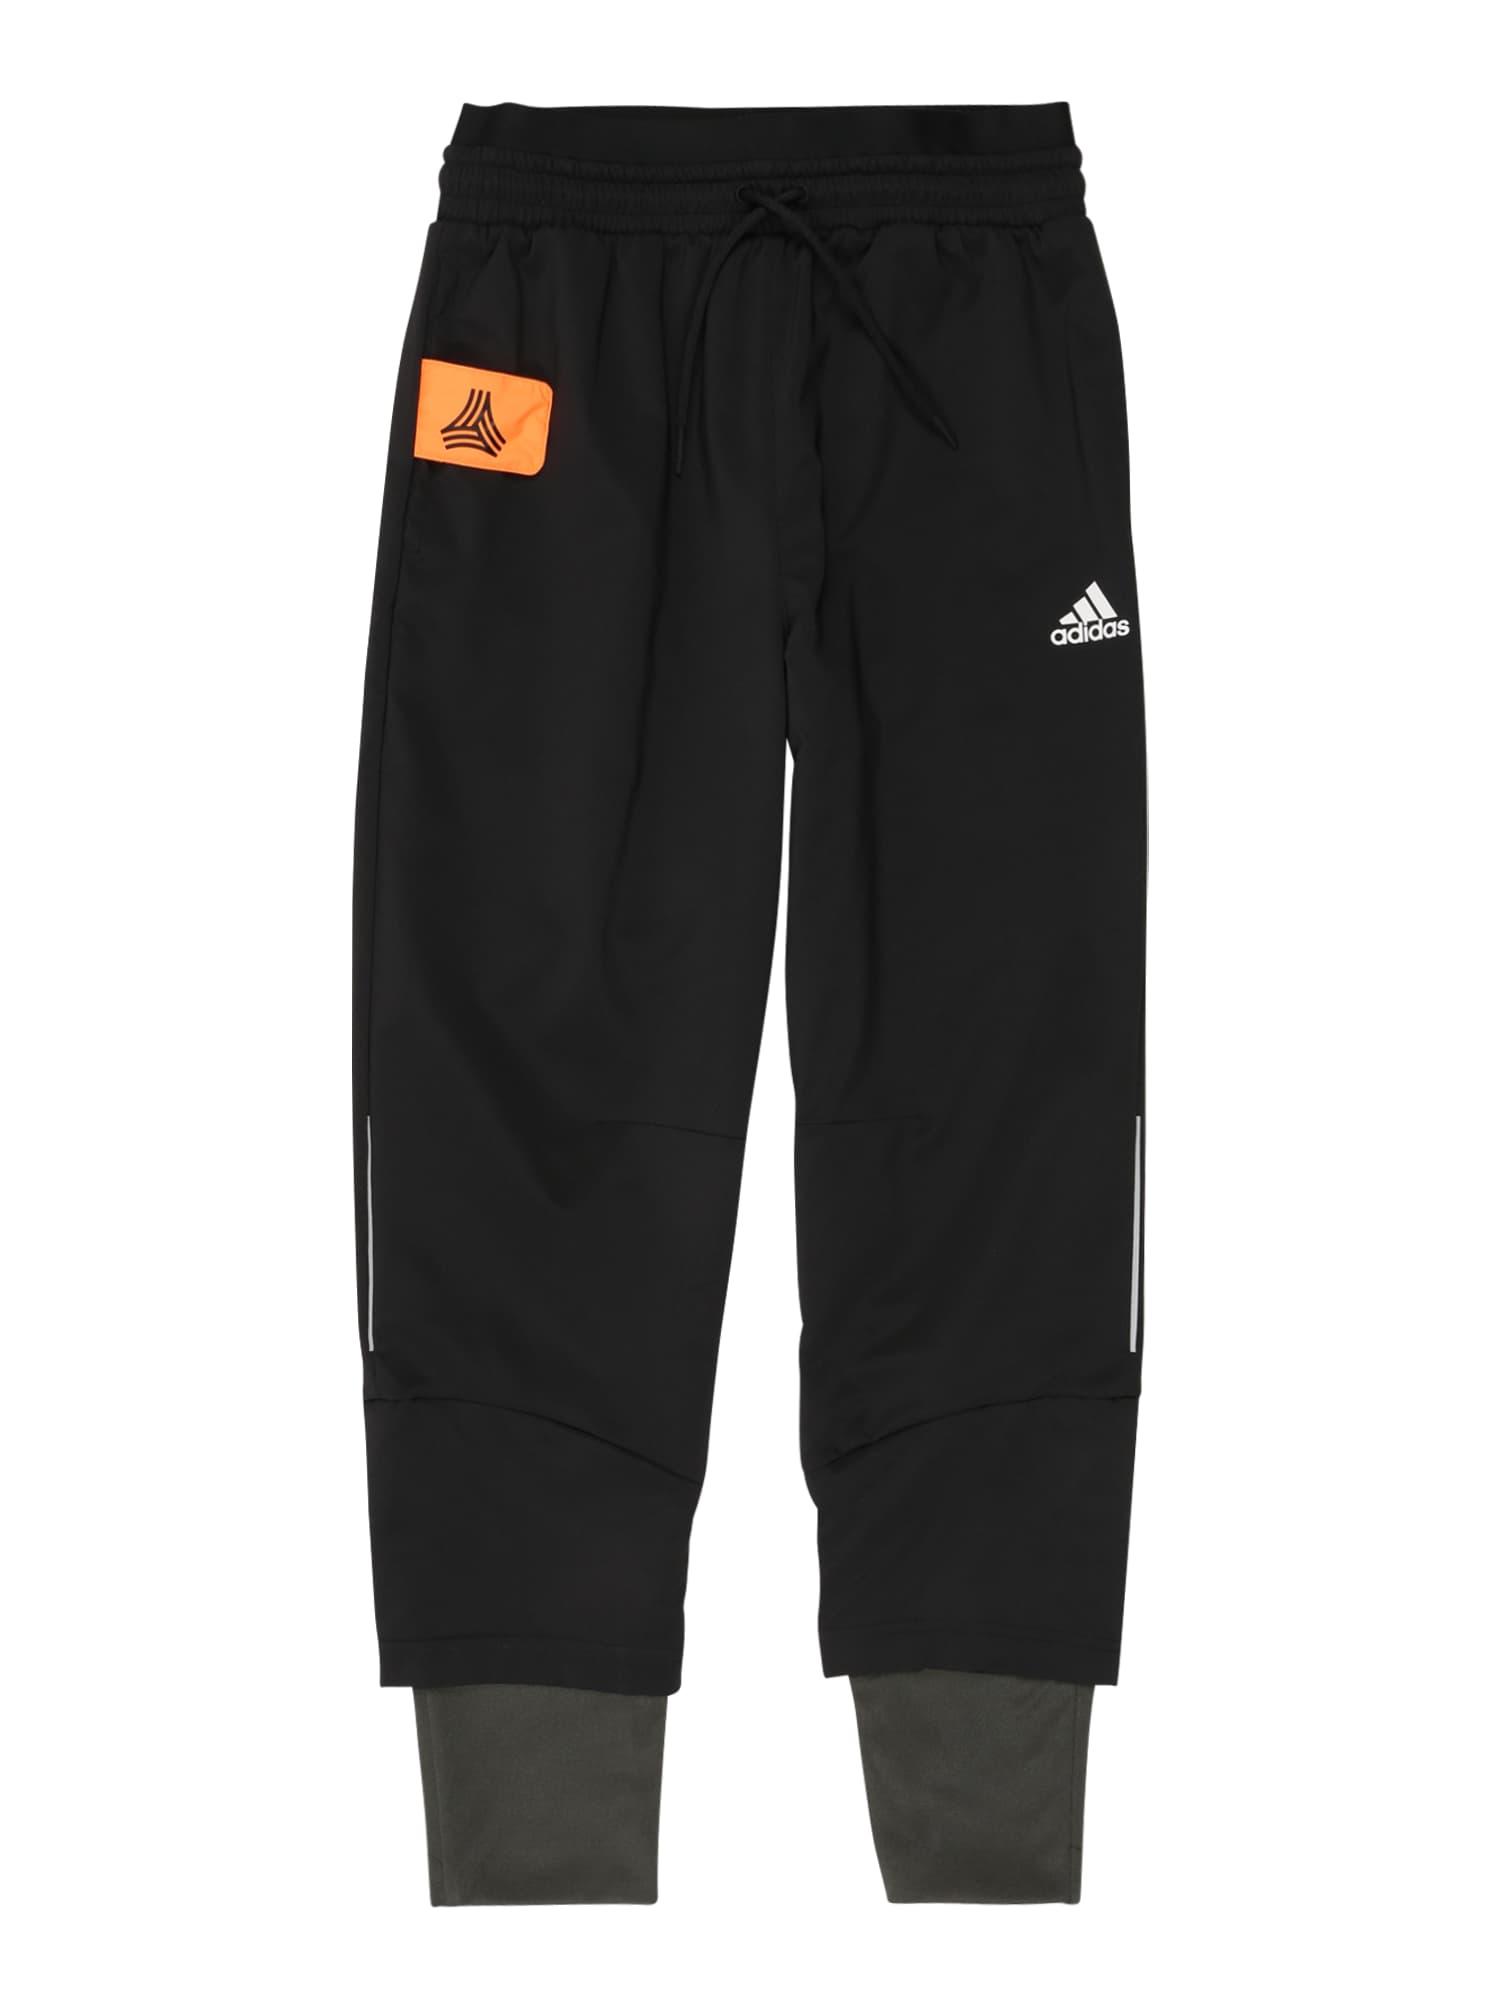 ADIDAS PERFORMANCE Sportinės kelnės juoda / balta / oranžinė